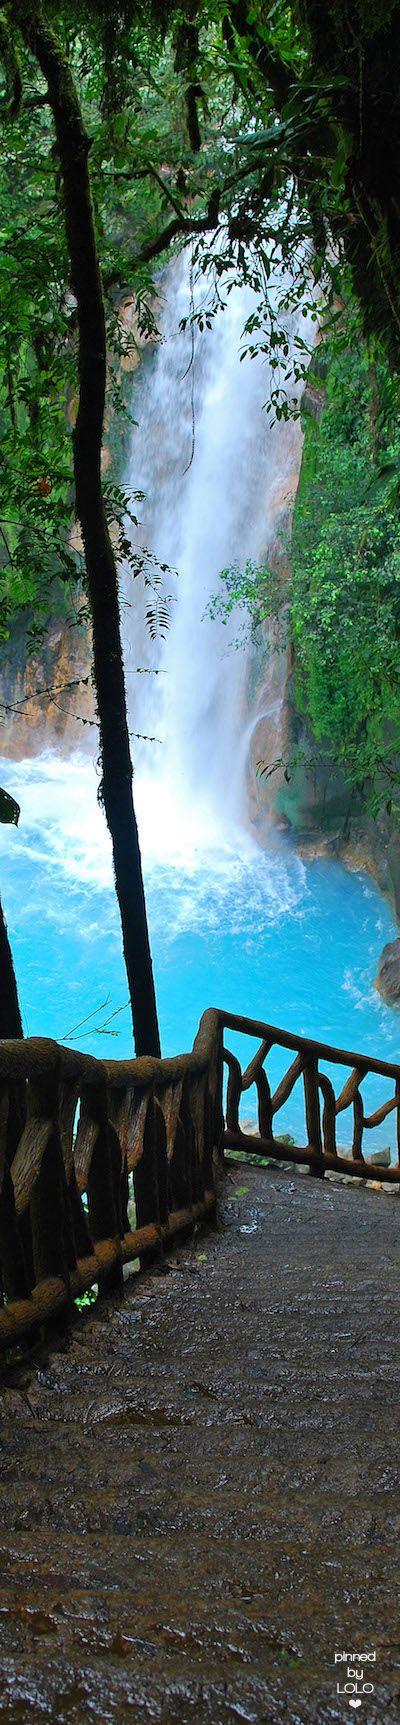 Rio Celeste Costa Rica #nature #landscapes